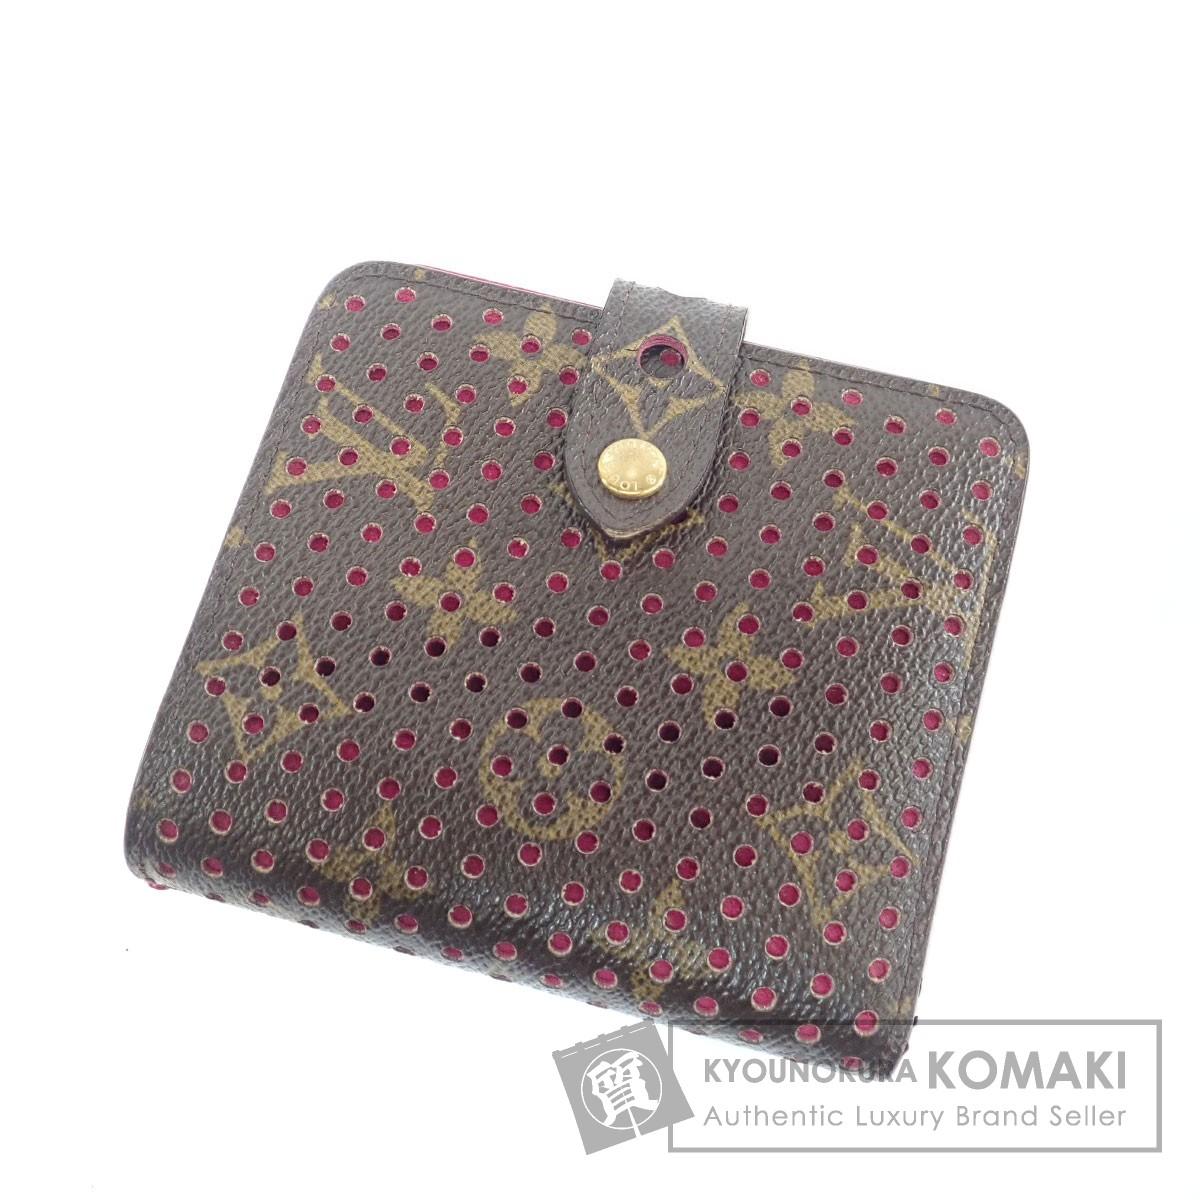 LOUIS VUITTON M95188 ペルフォ コンパクトジップ 二つ折り財布(小銭入れあり) モノグラムキャンバス レディース 【中古】【ルイ・ヴィトン】